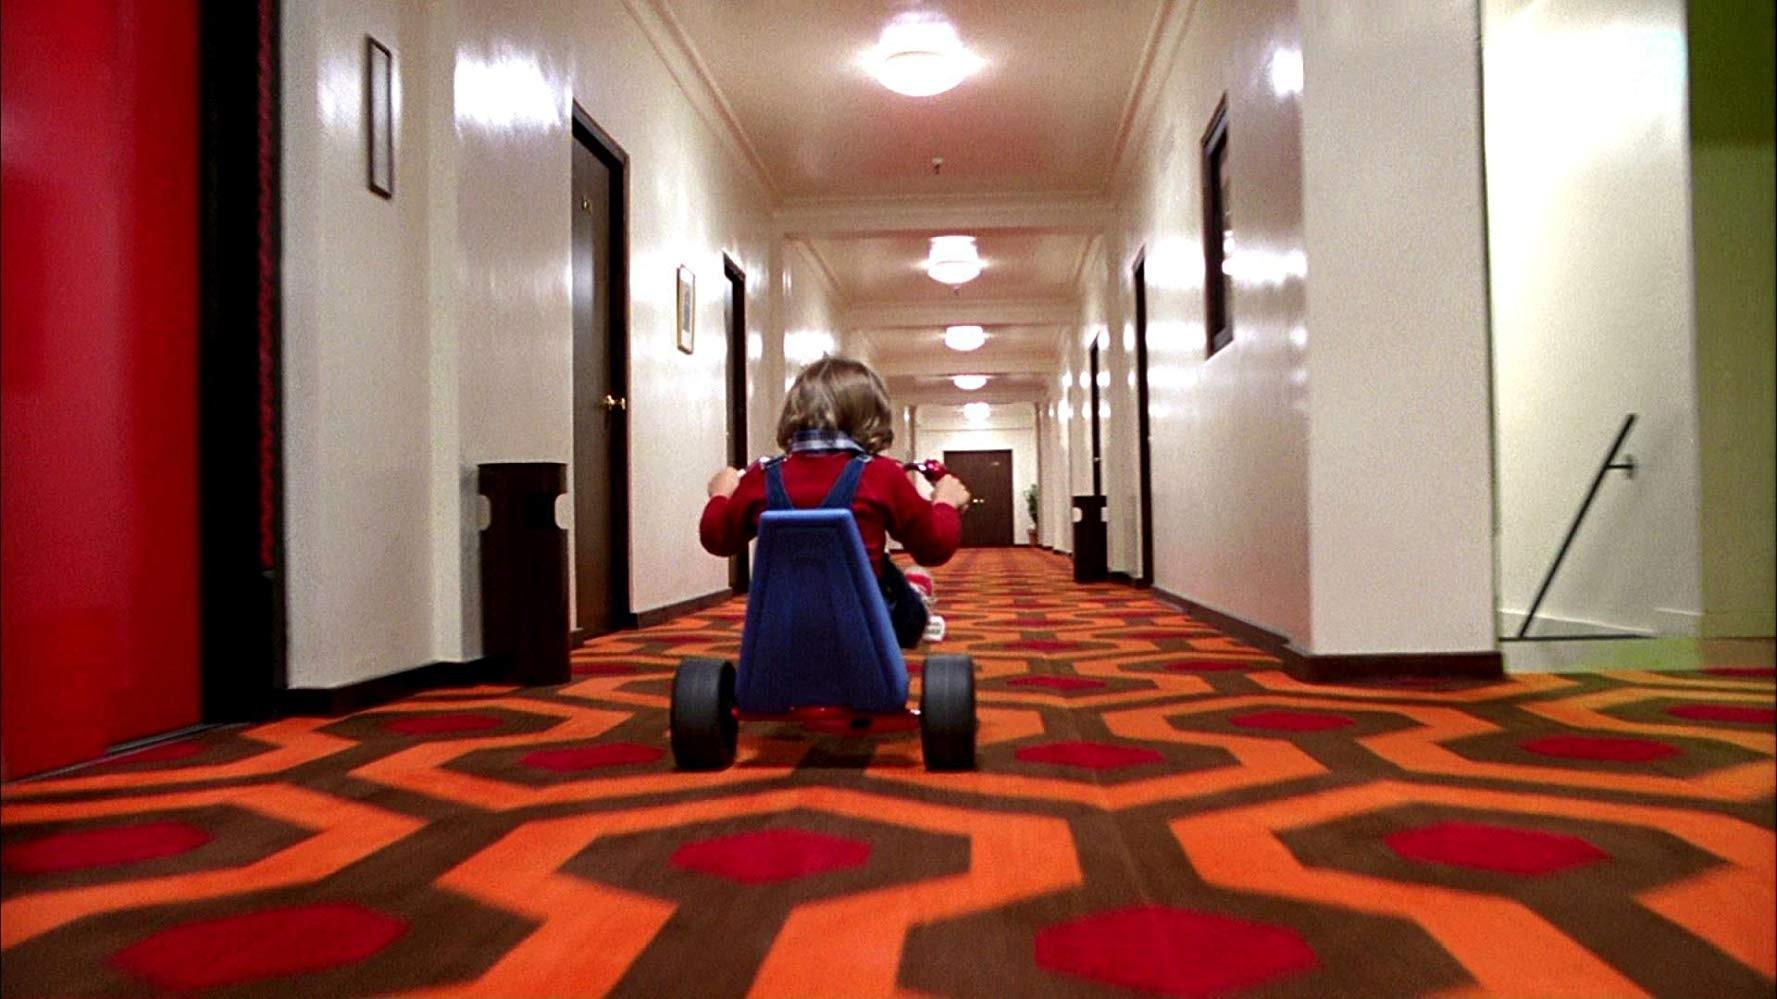 Redrum возвращается в первом трейлере триллера «Доктор Сон»